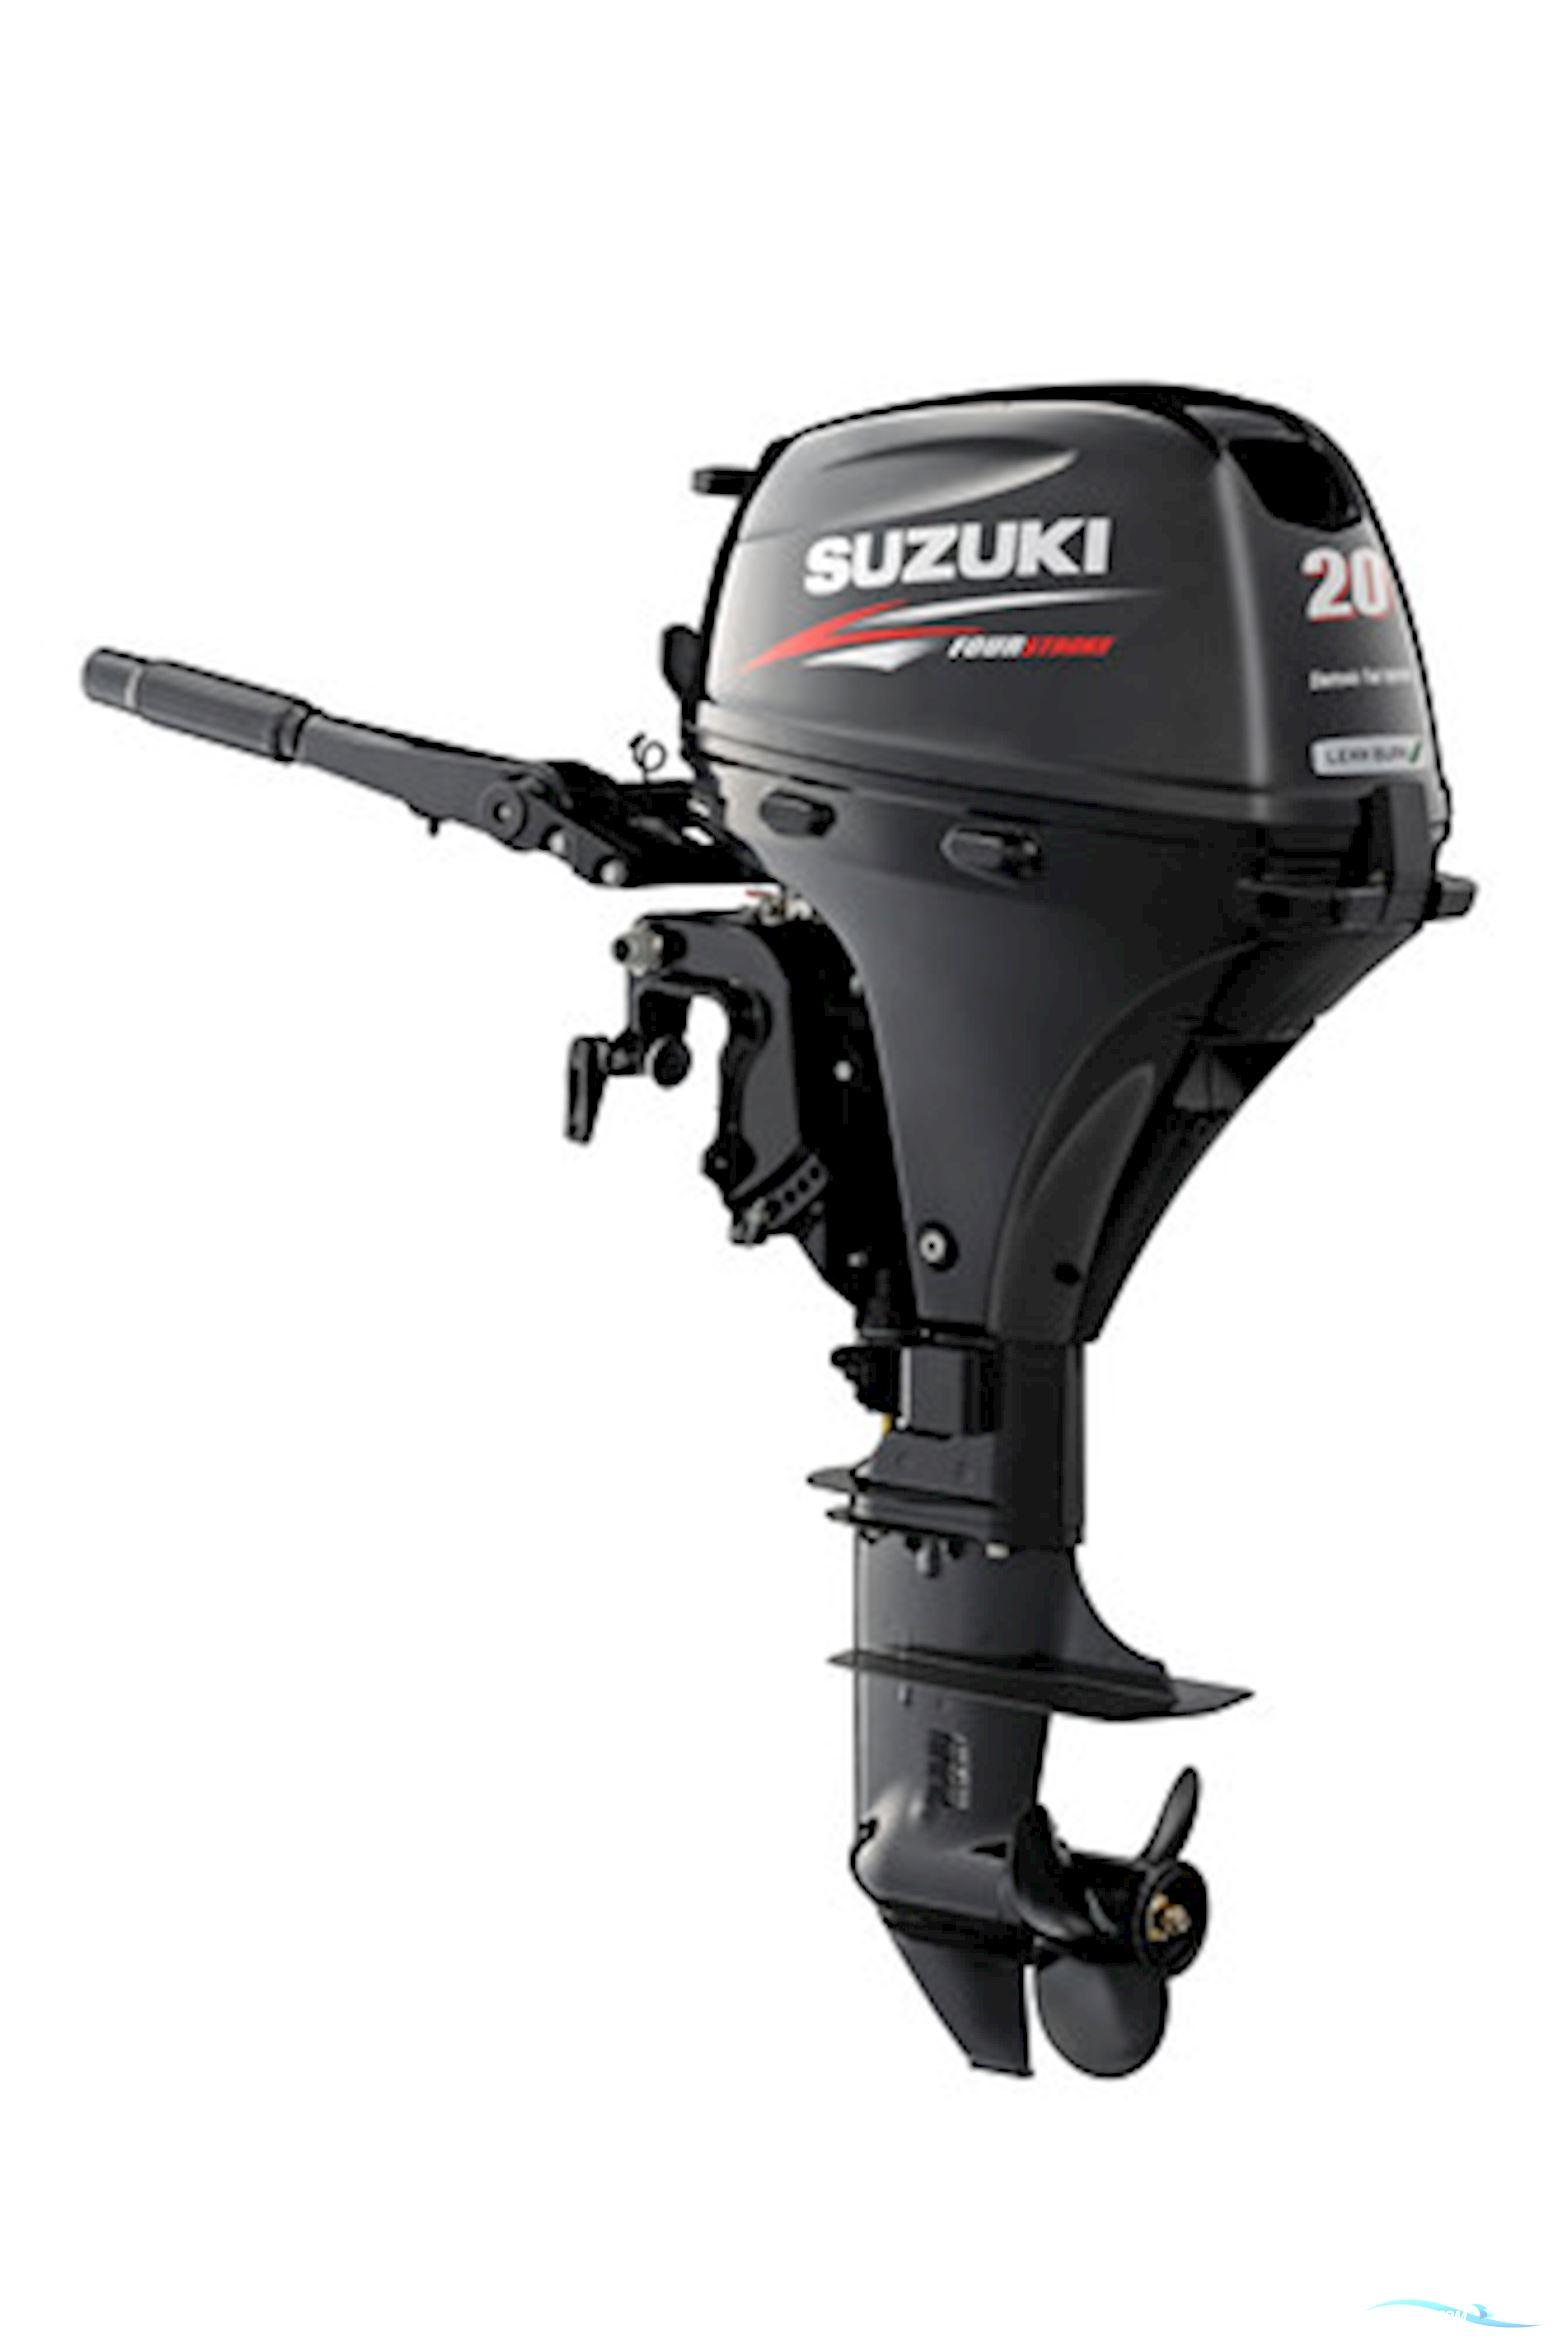 Suzuki DF20Athl